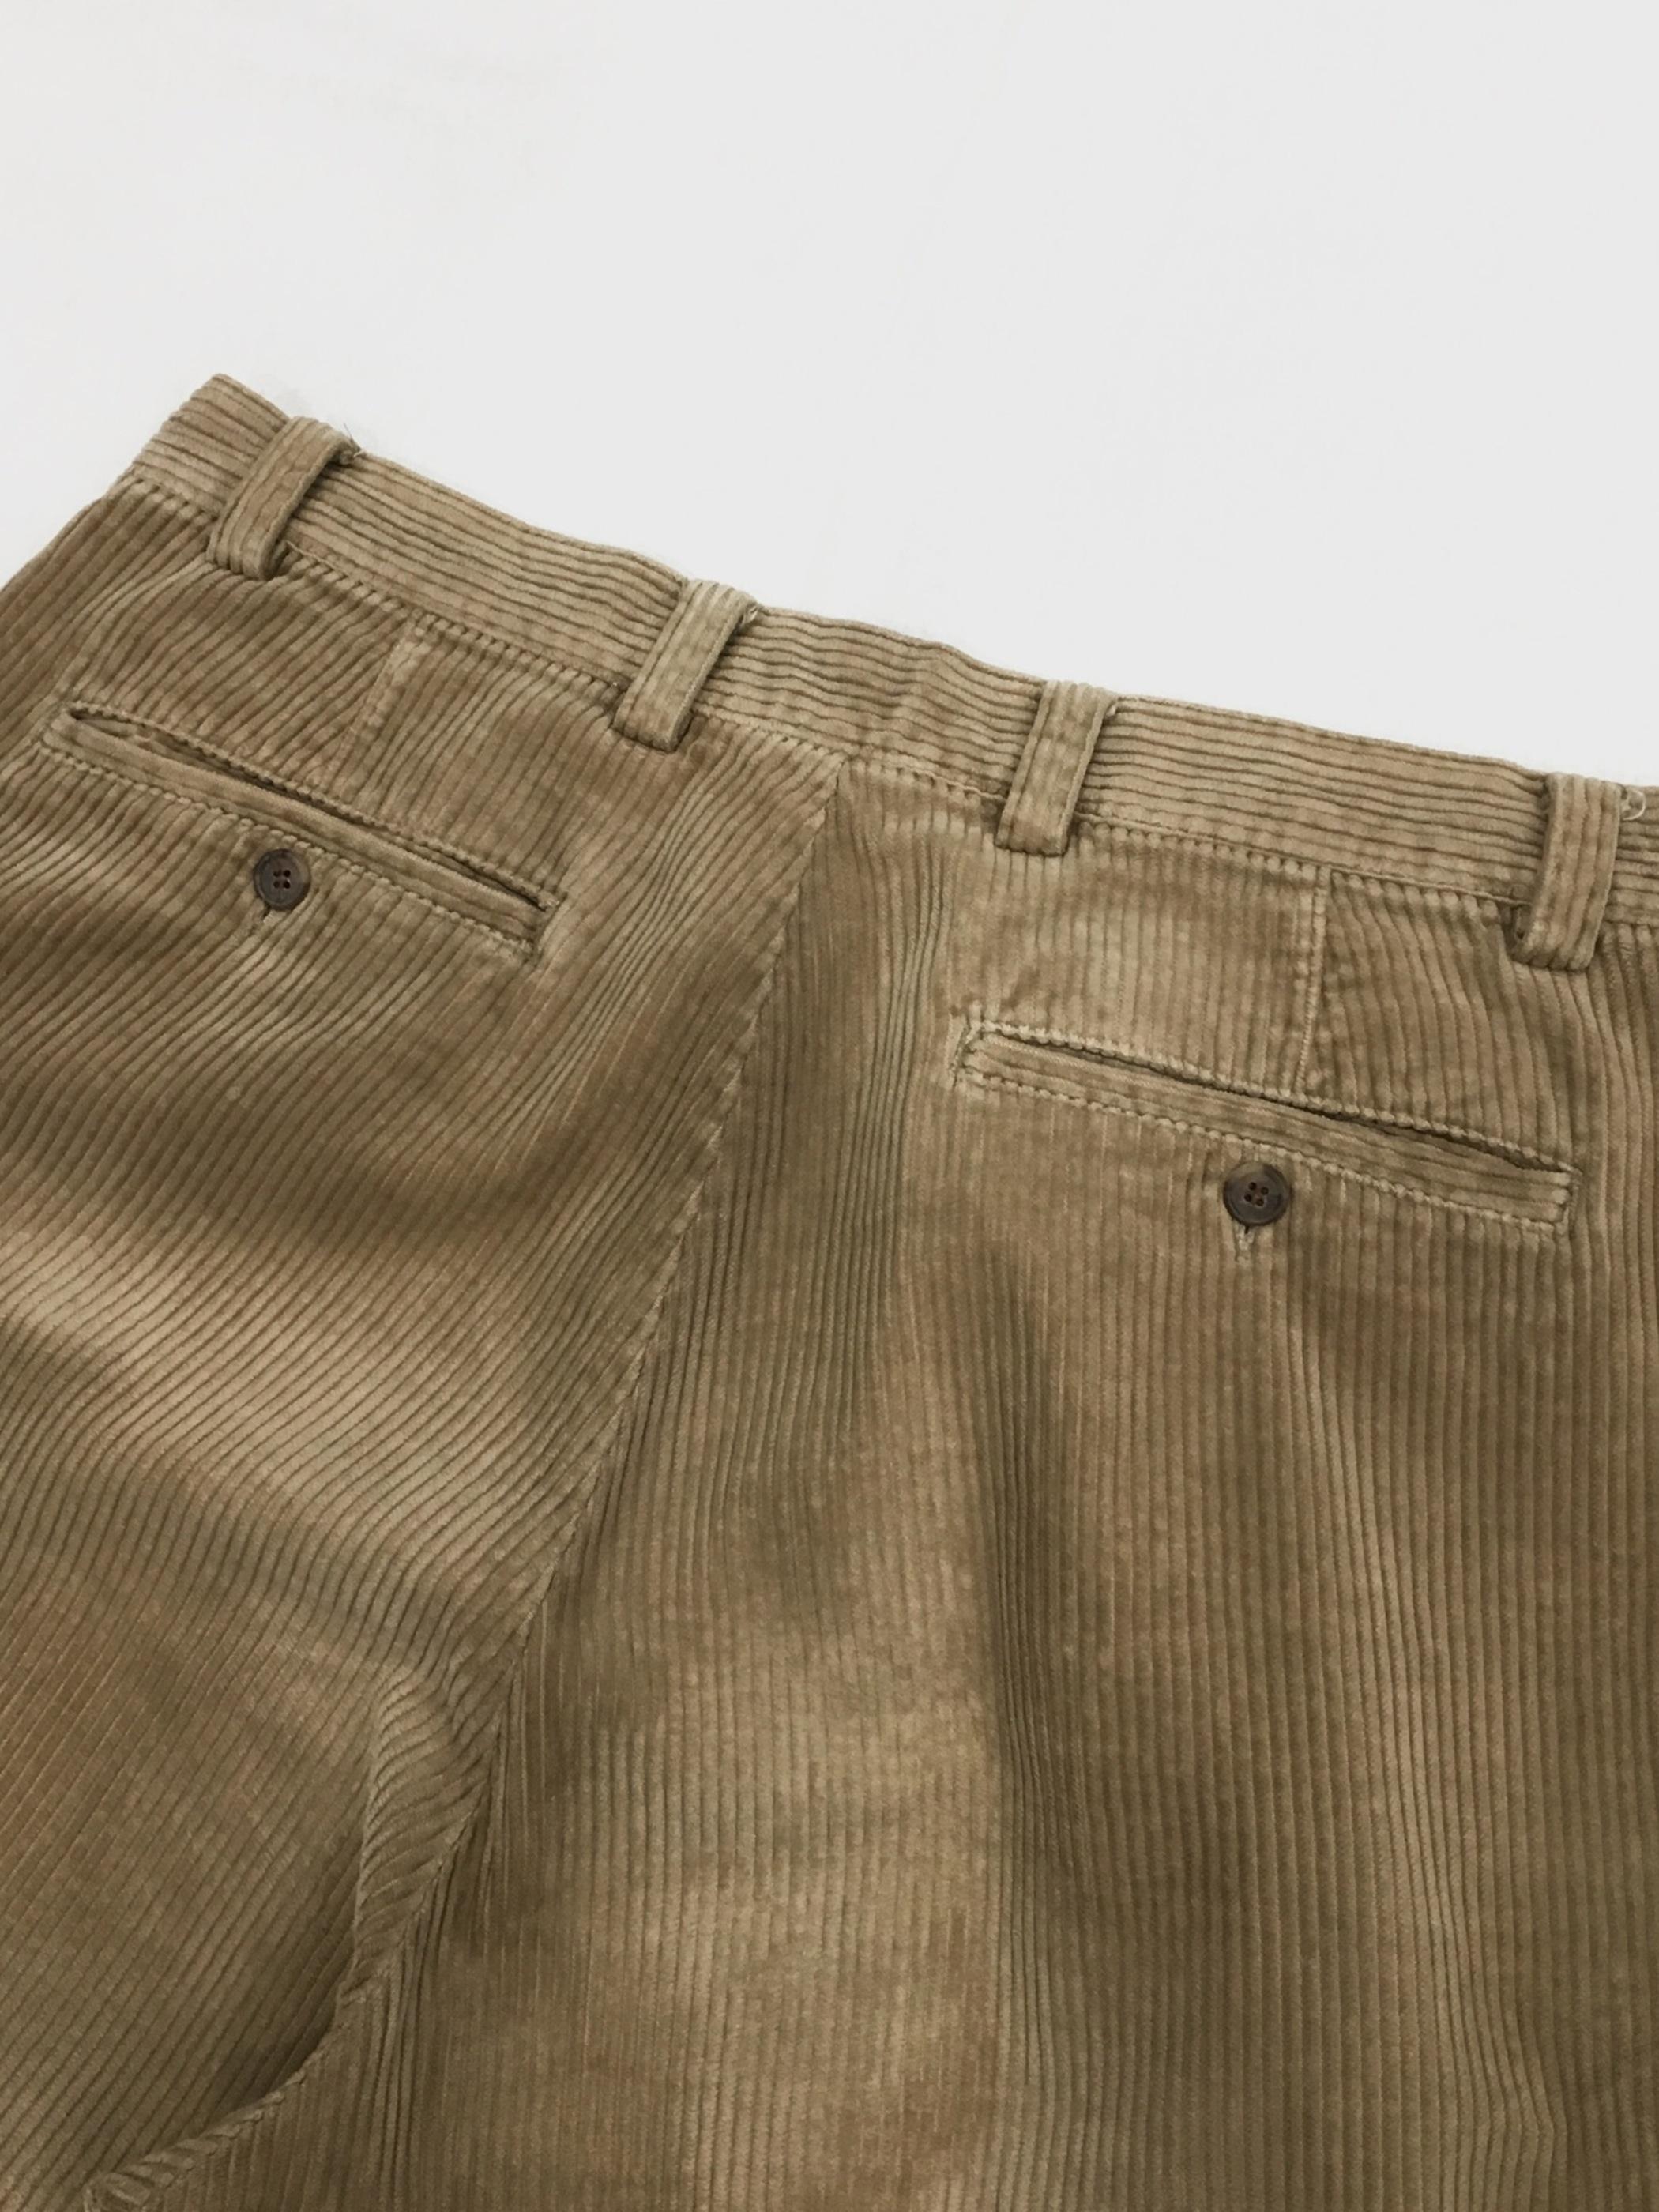 OLD GAP 2tuck corduroy pants